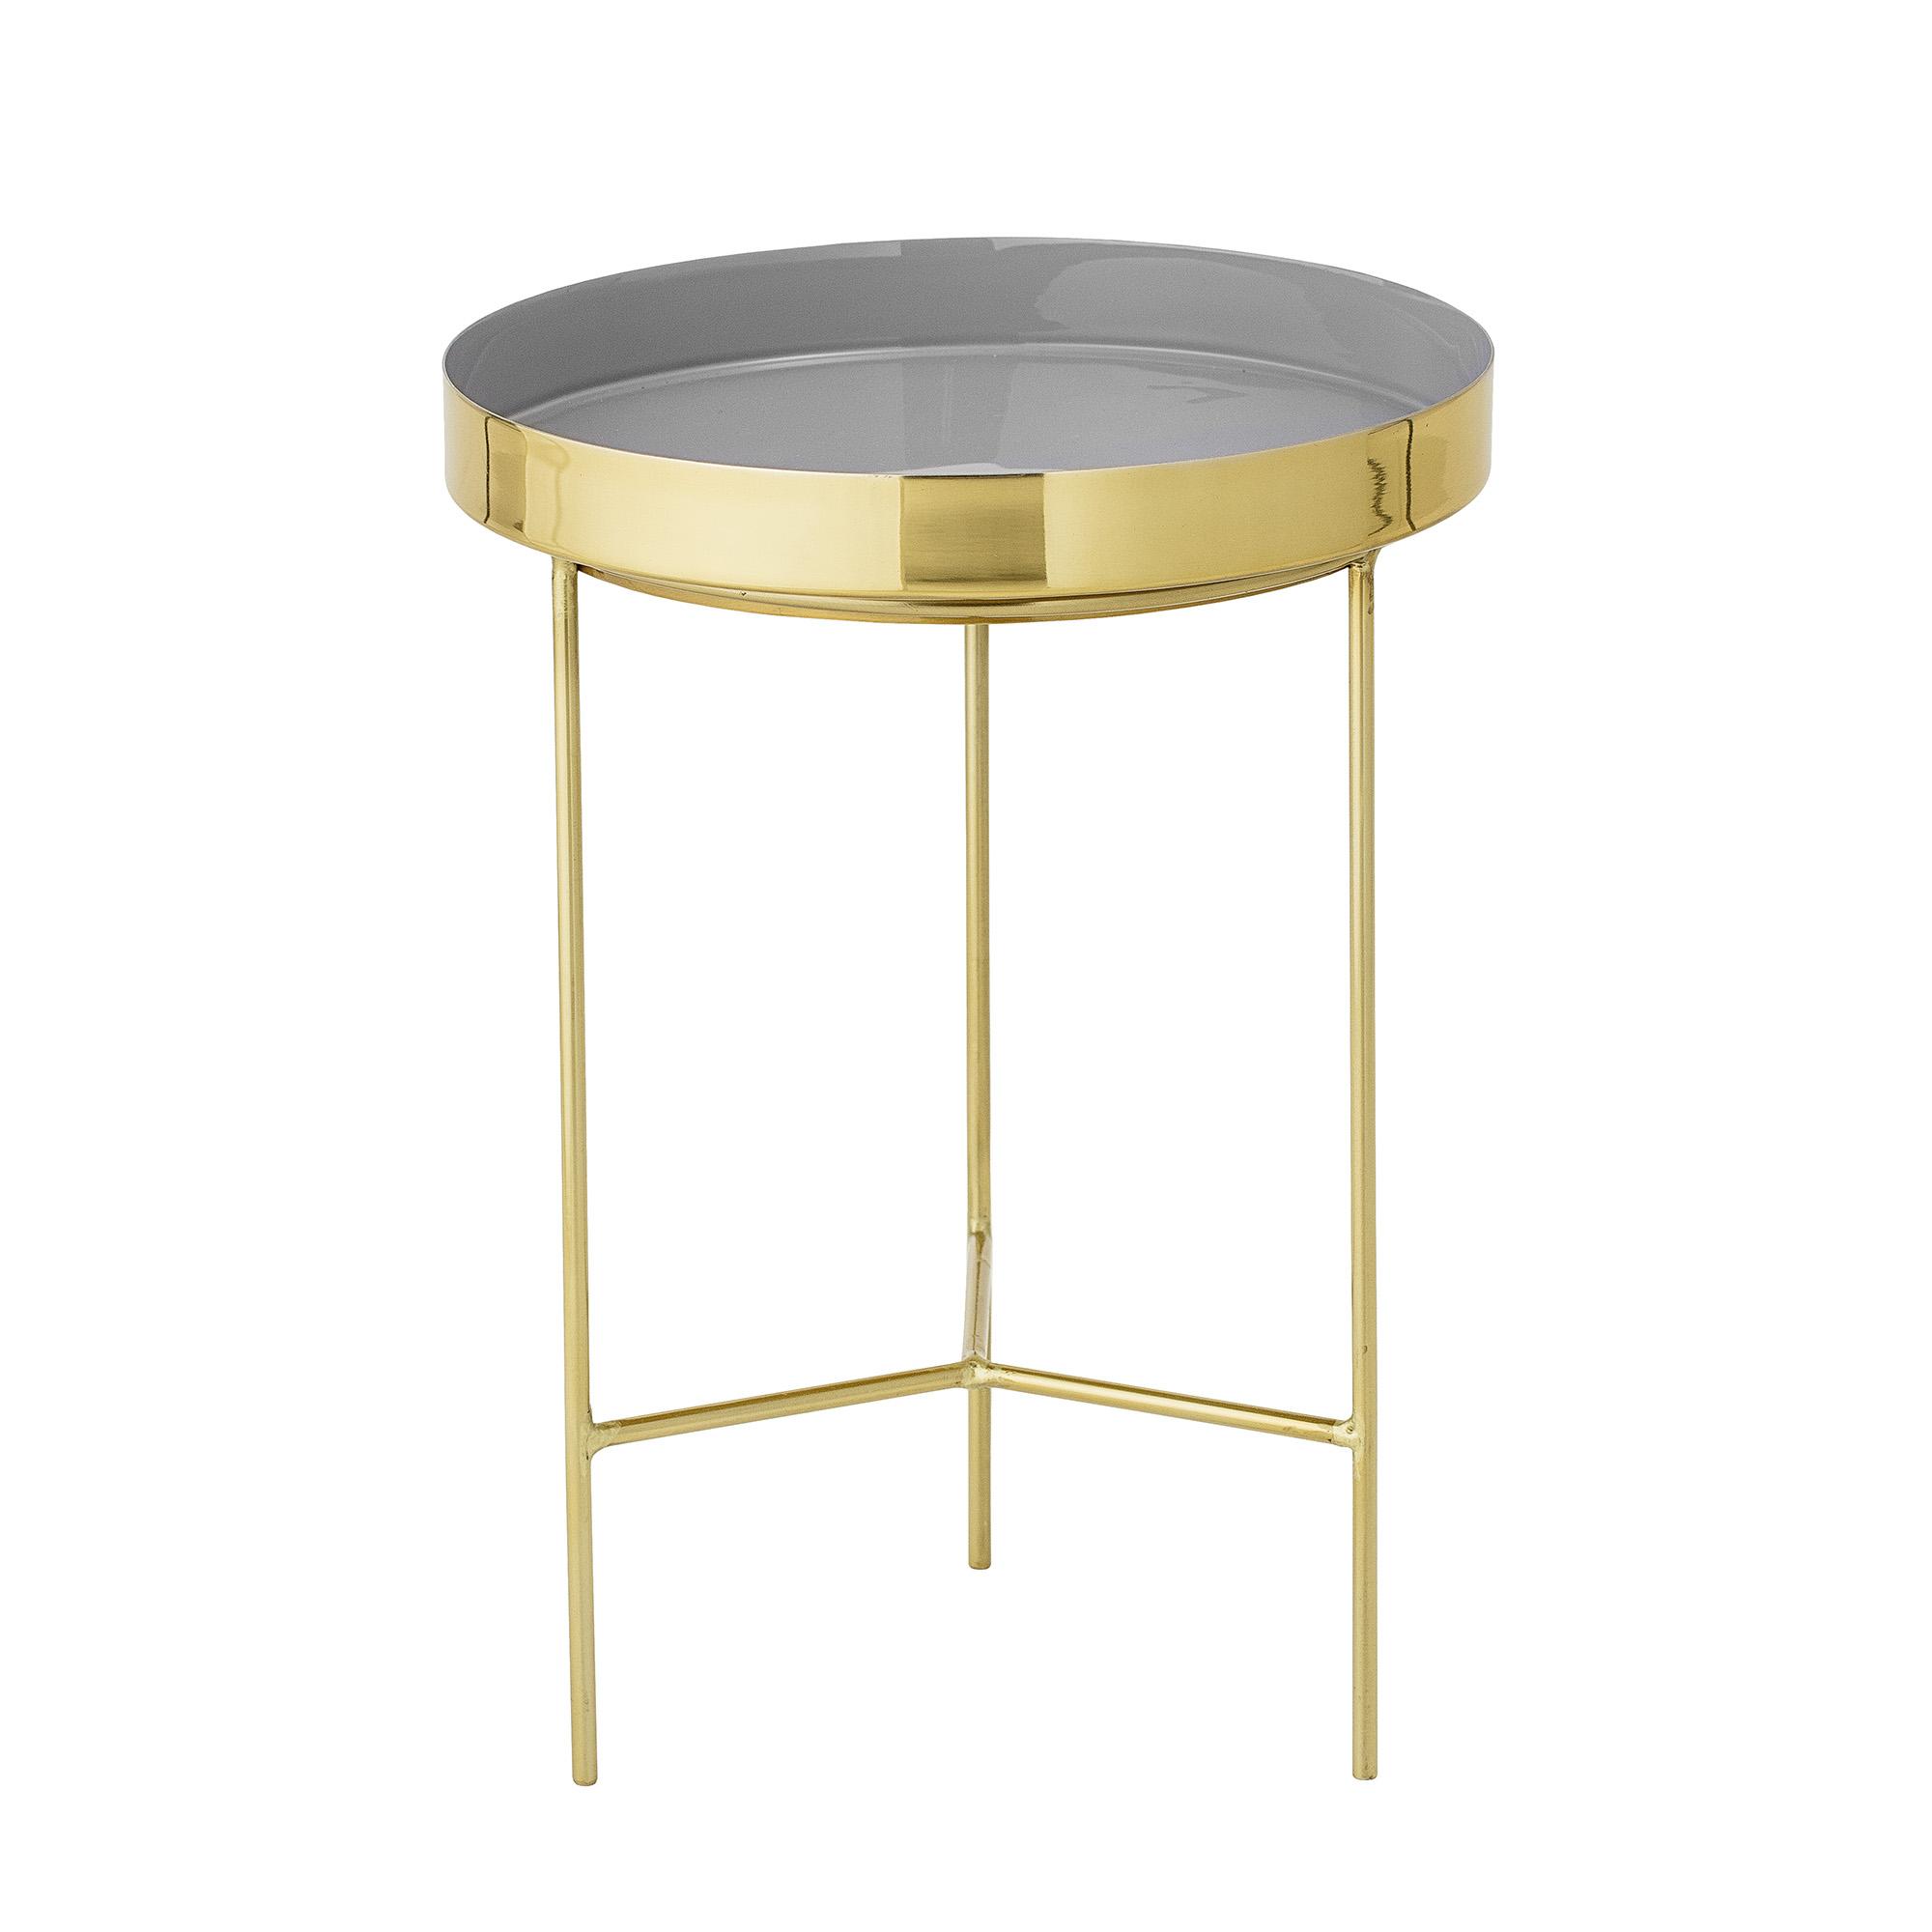 BLOOMINGVILLE Sola bakkebord - grå/guld aluminium/stål, rund (Ø30)